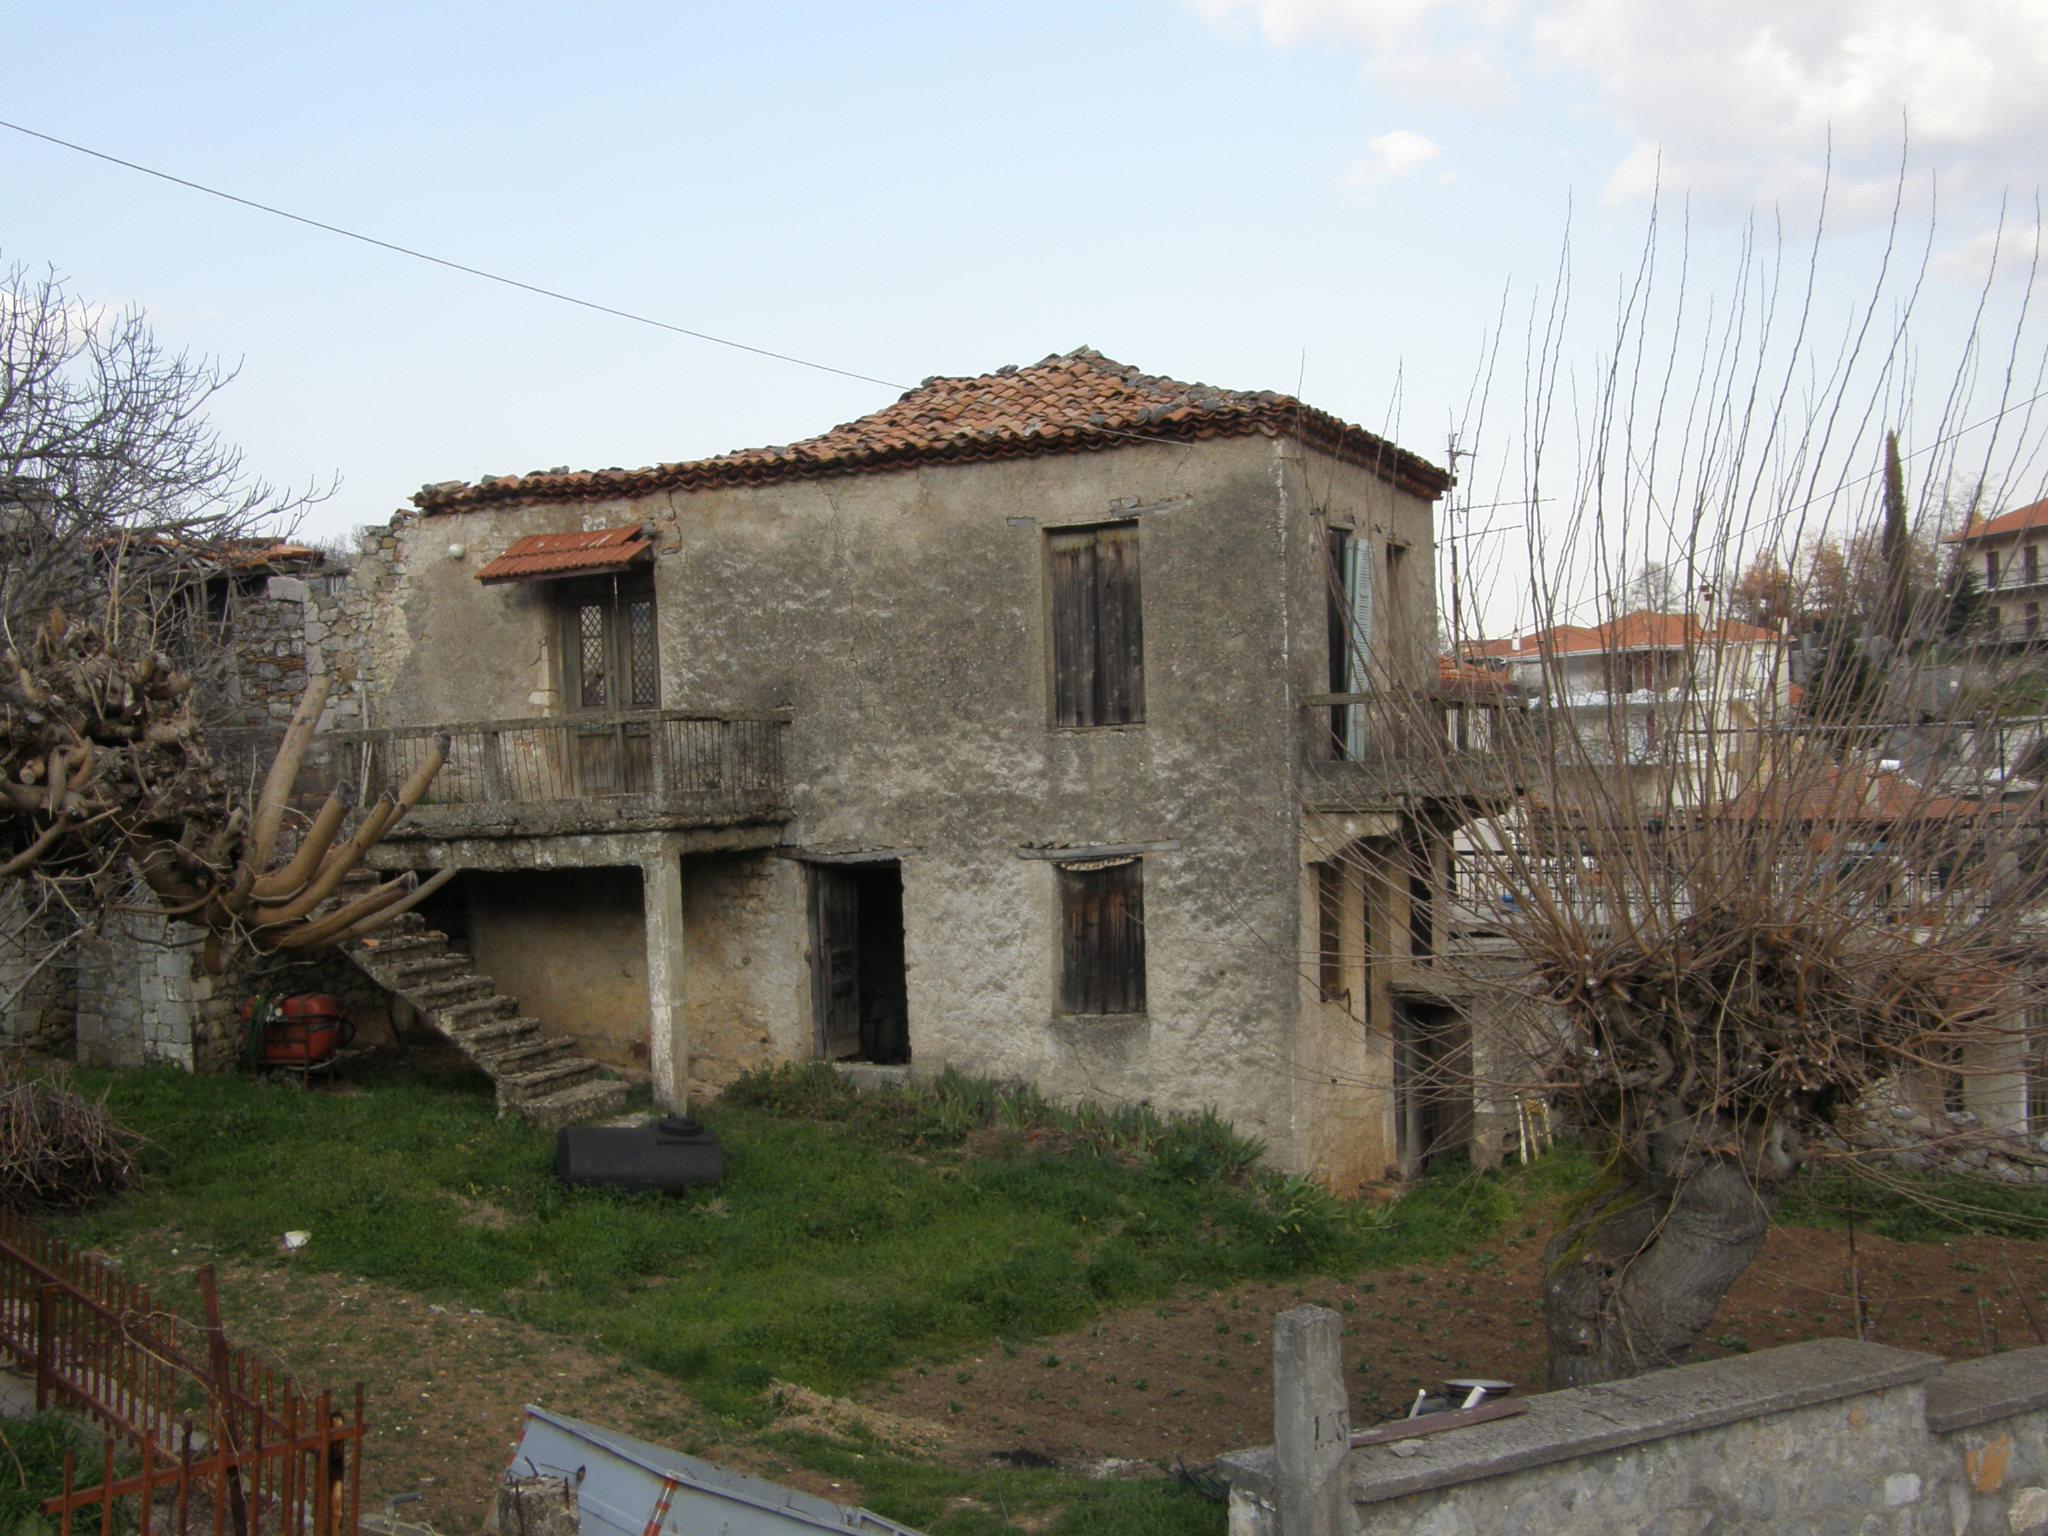 Μνημείο το σπίτι που γεννήθηκε ο Νίκος Γκάτσος (pics)